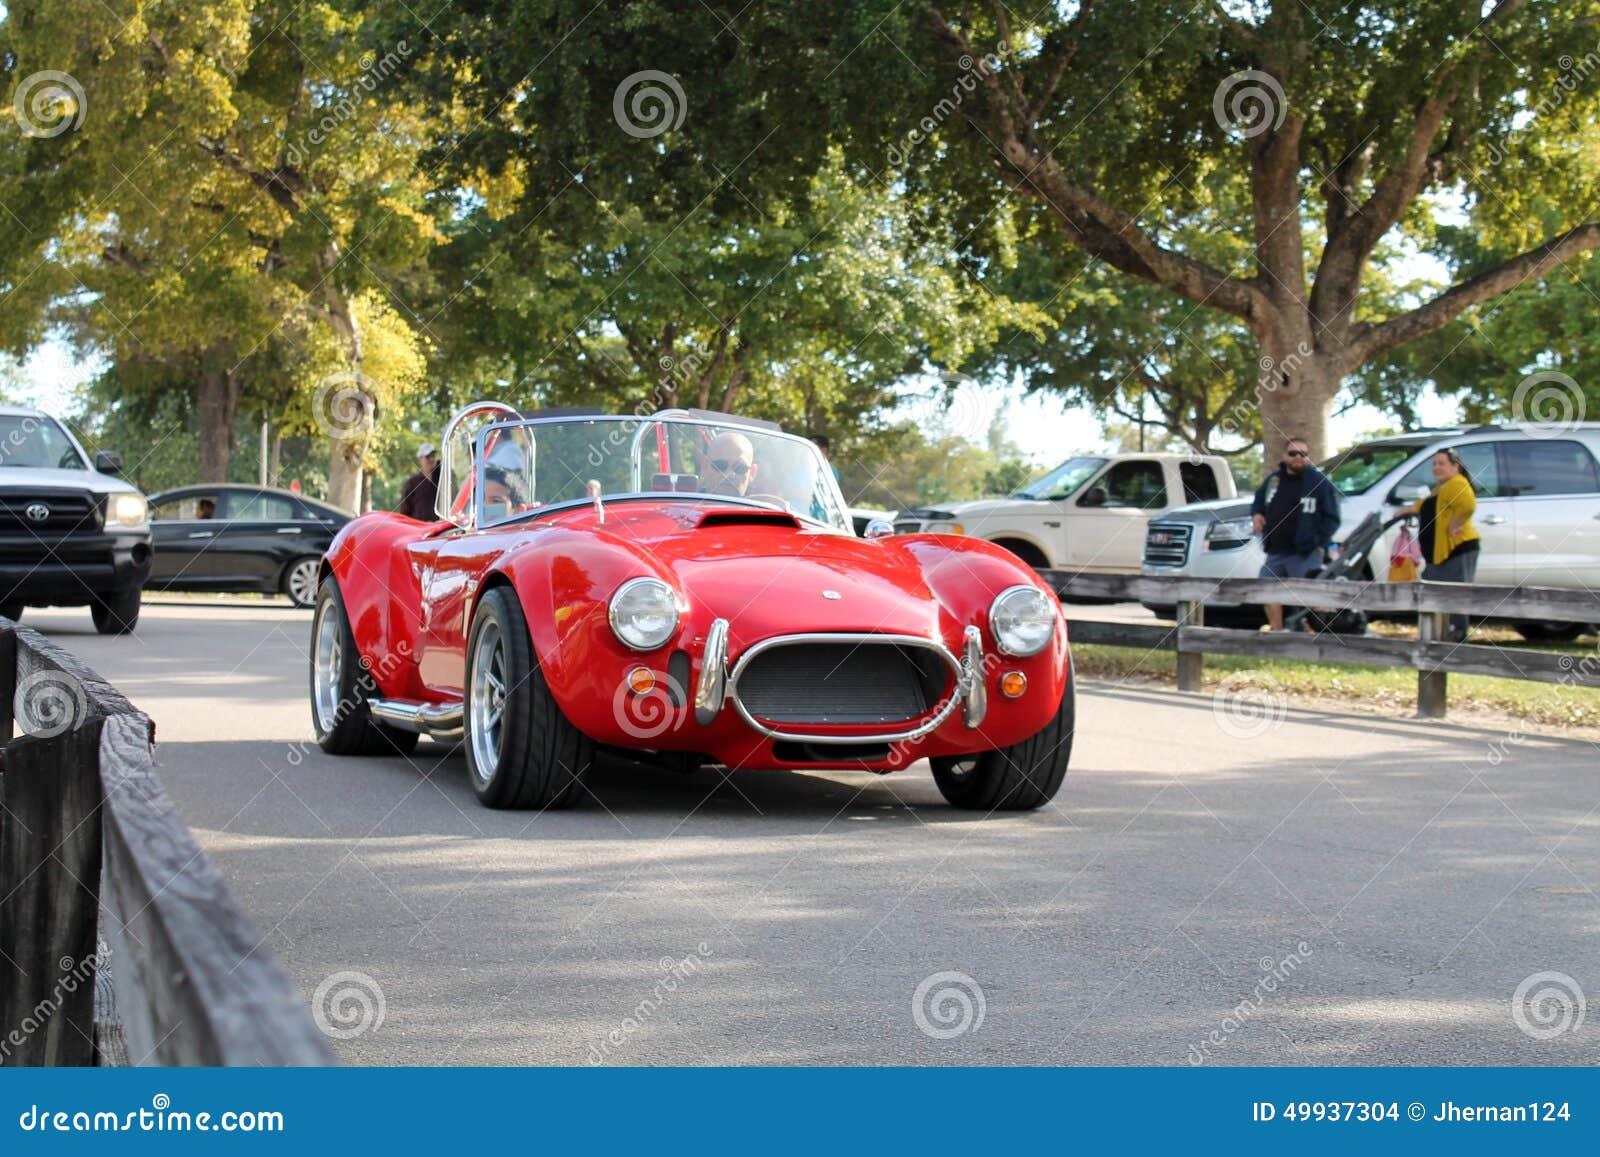 vieille voiture de sport rouge classique image stock